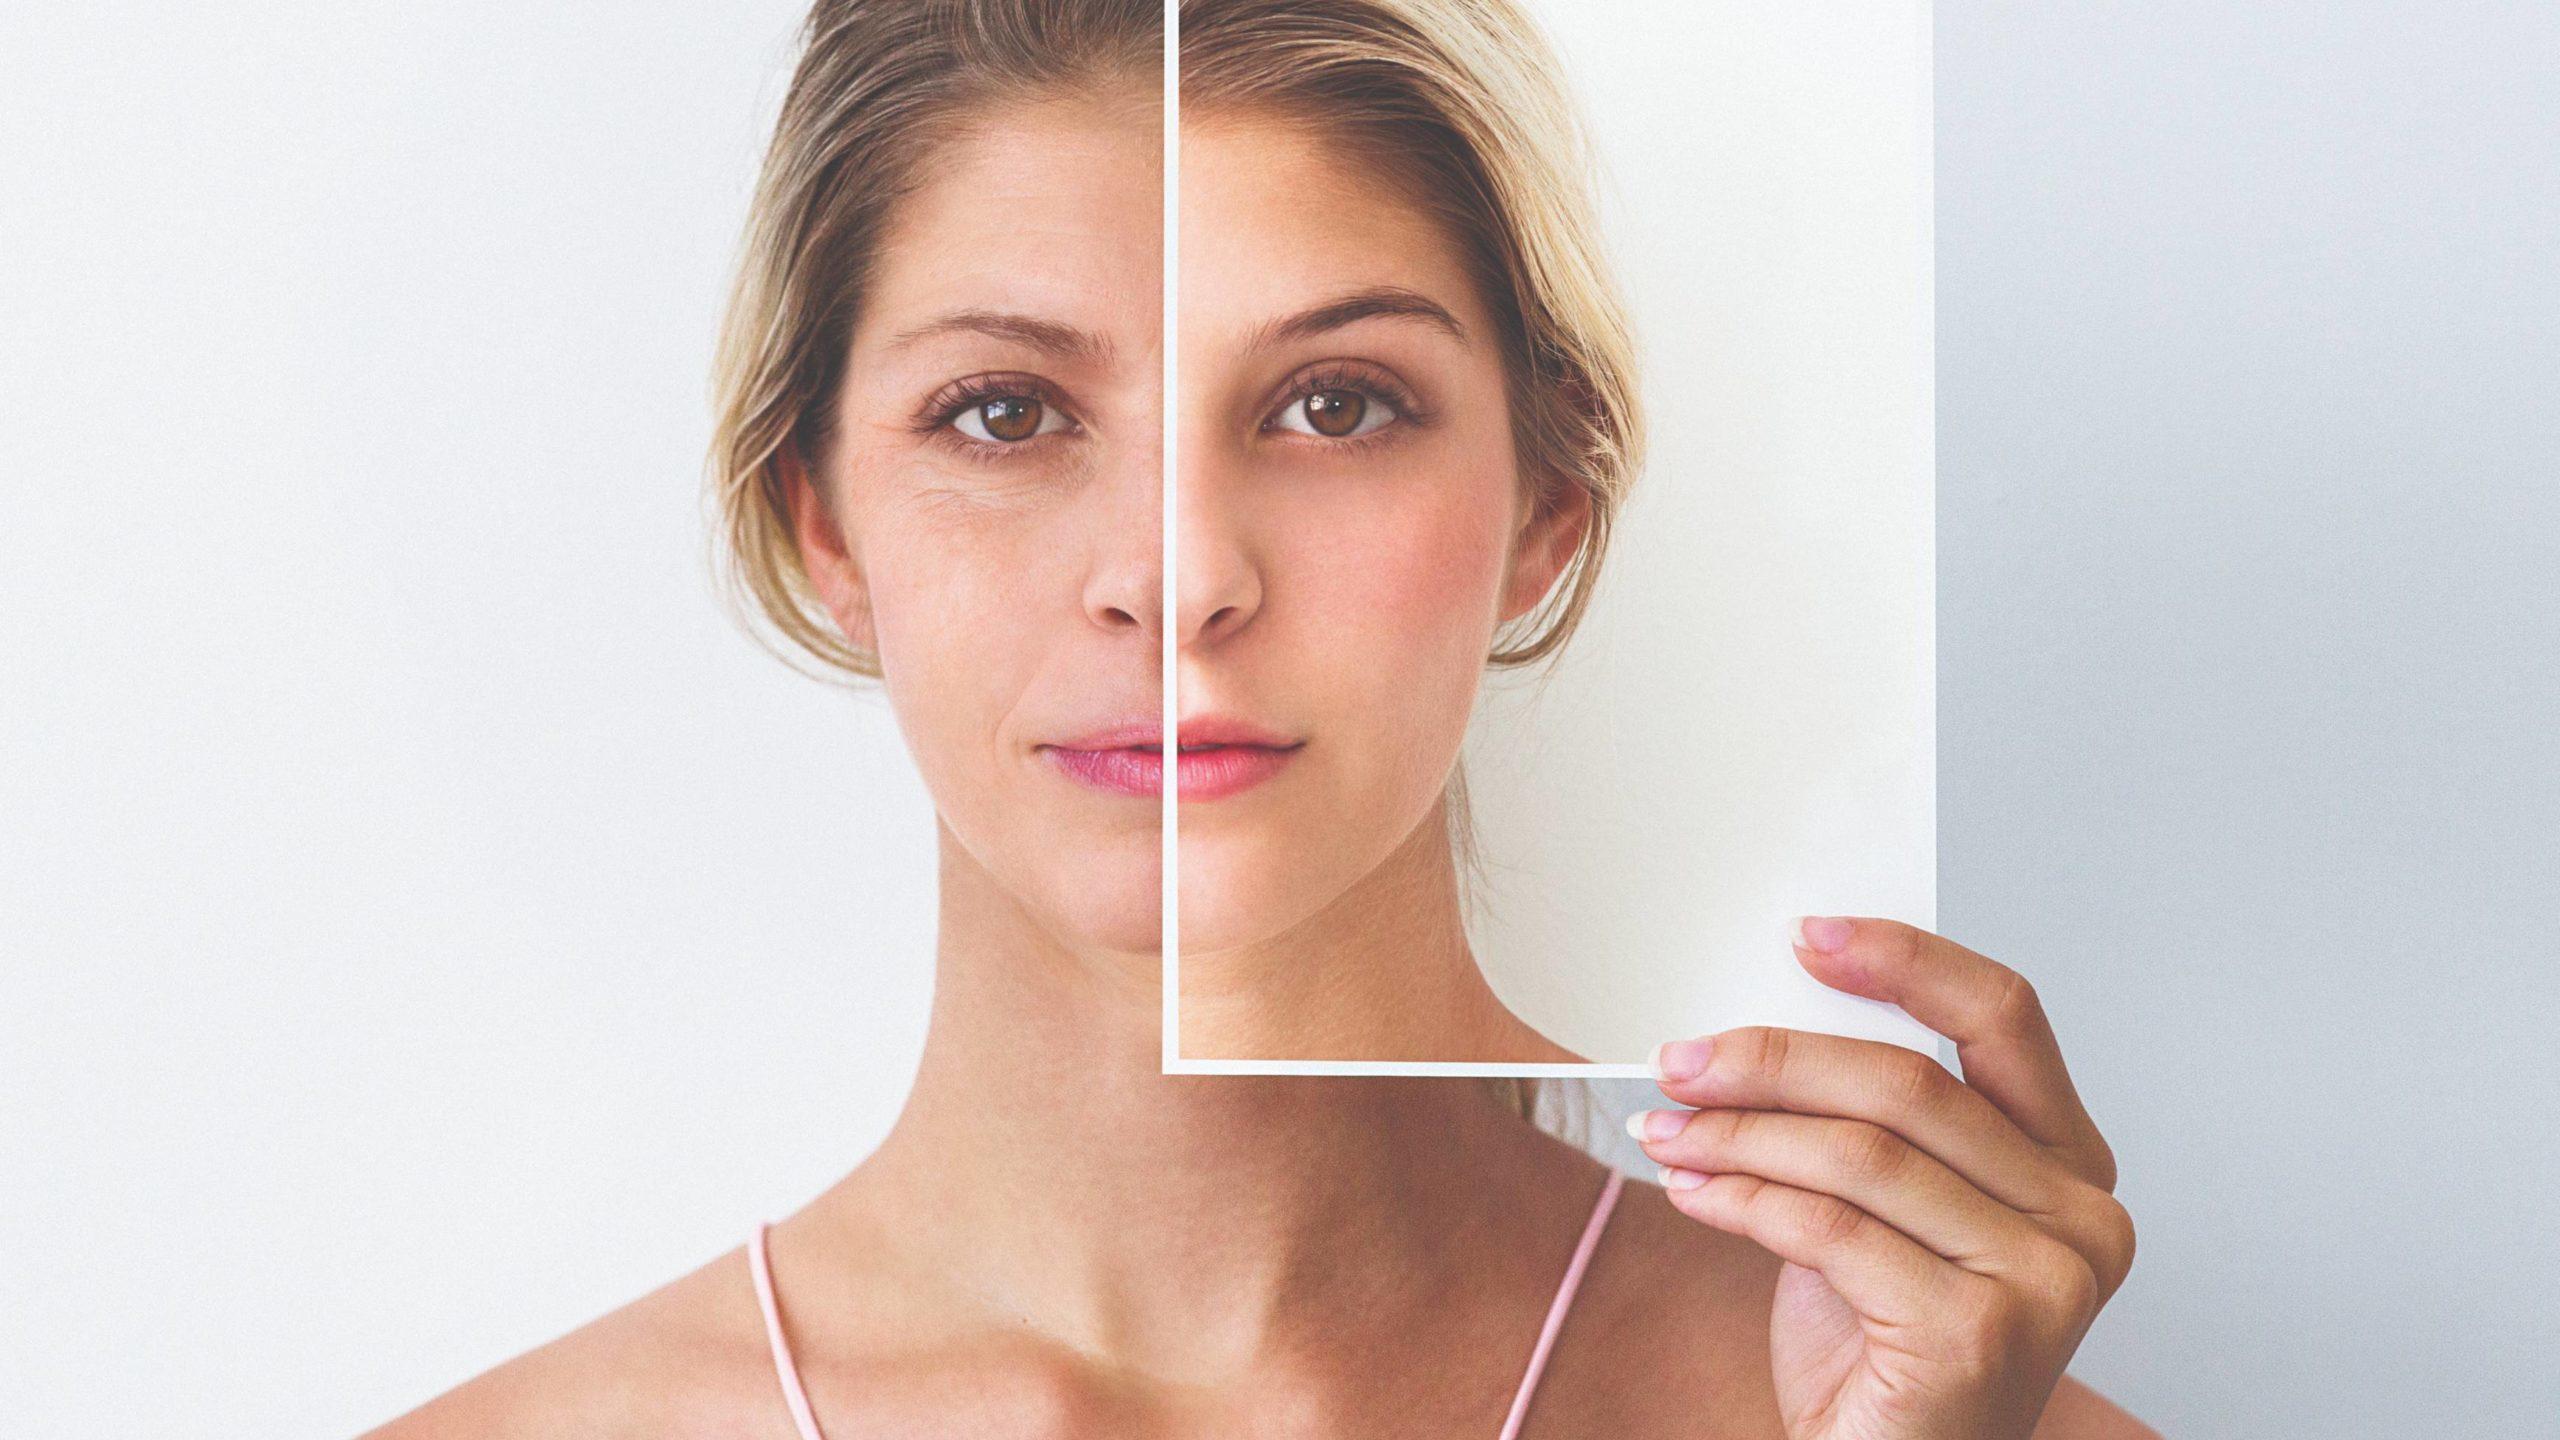 Medicina estética dermatológica, todo lo que debes saber